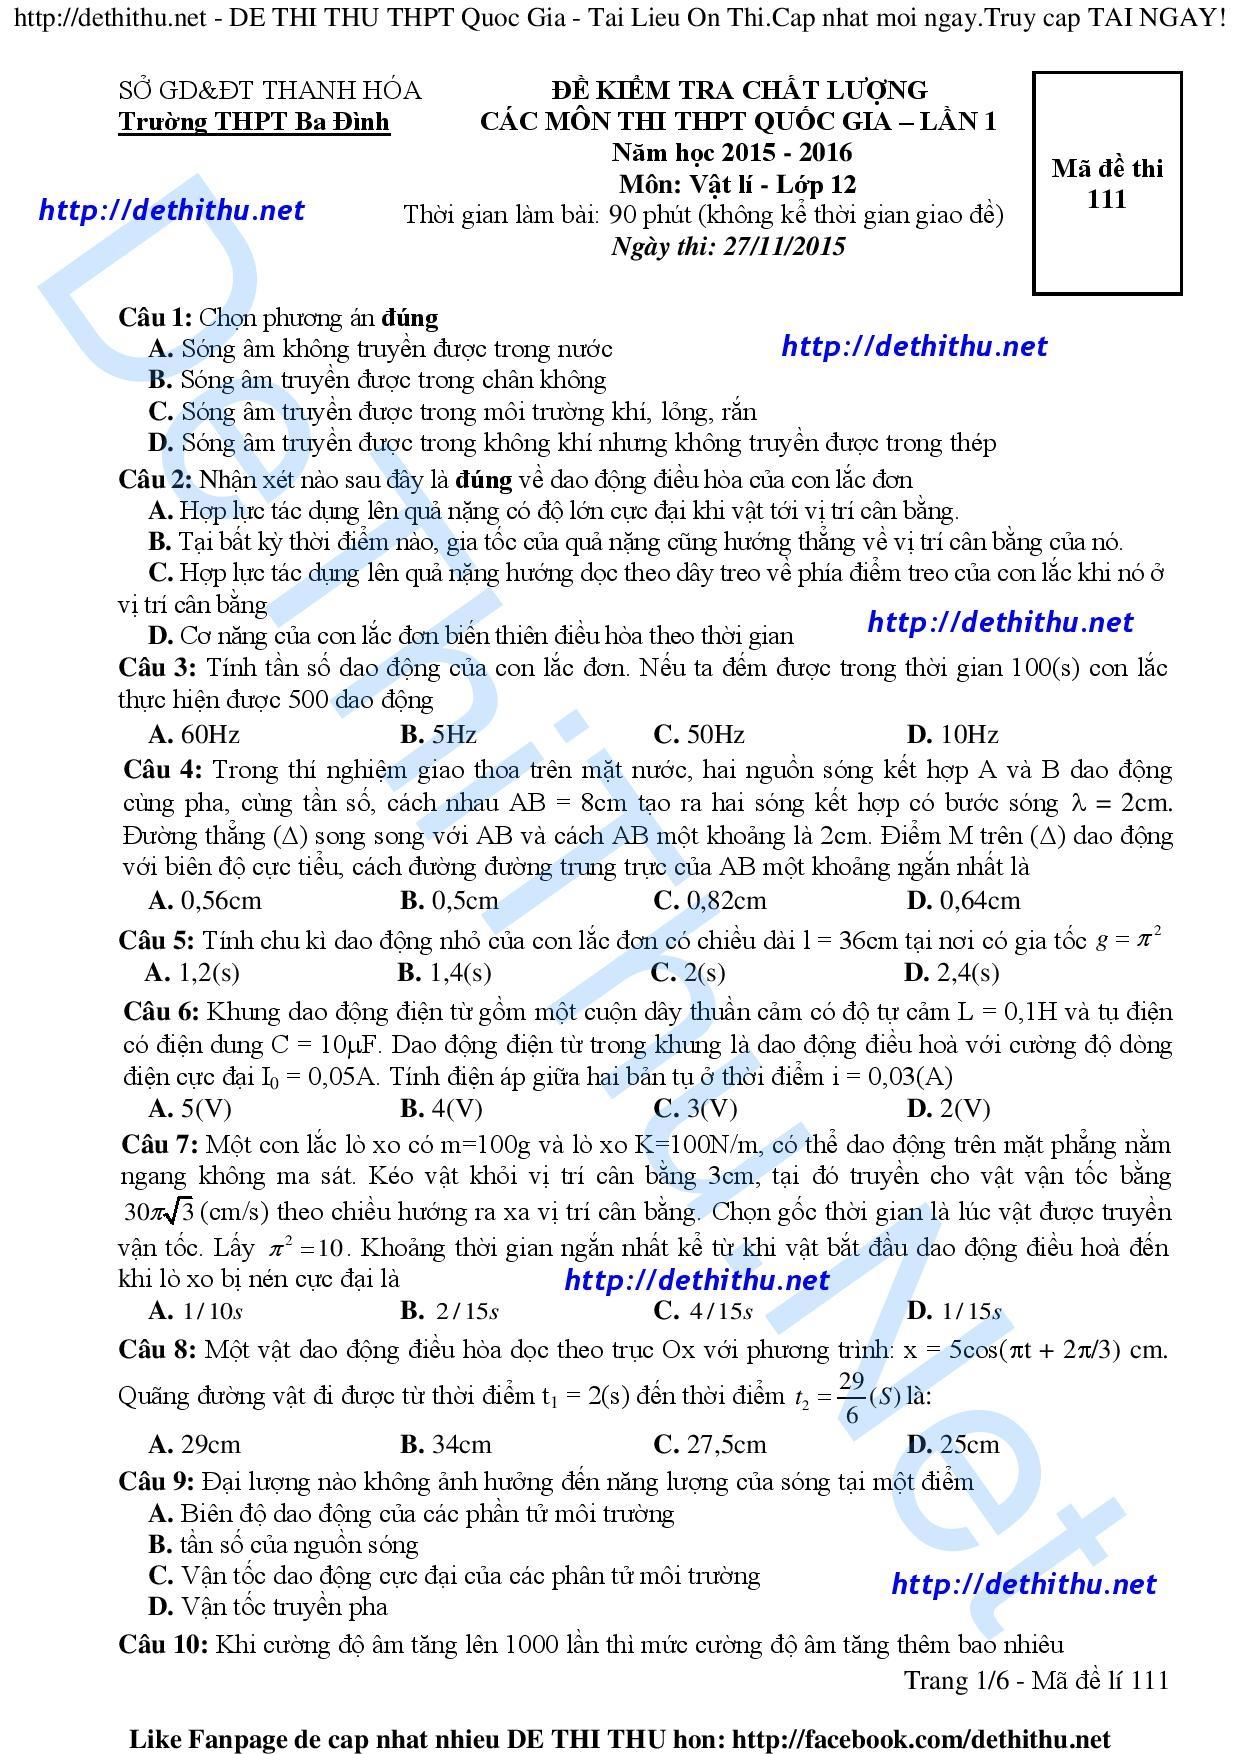 Đề thi thử THPT Quốc gia 2016 môn Lý THPT Ba Đình - Thanh Hóa